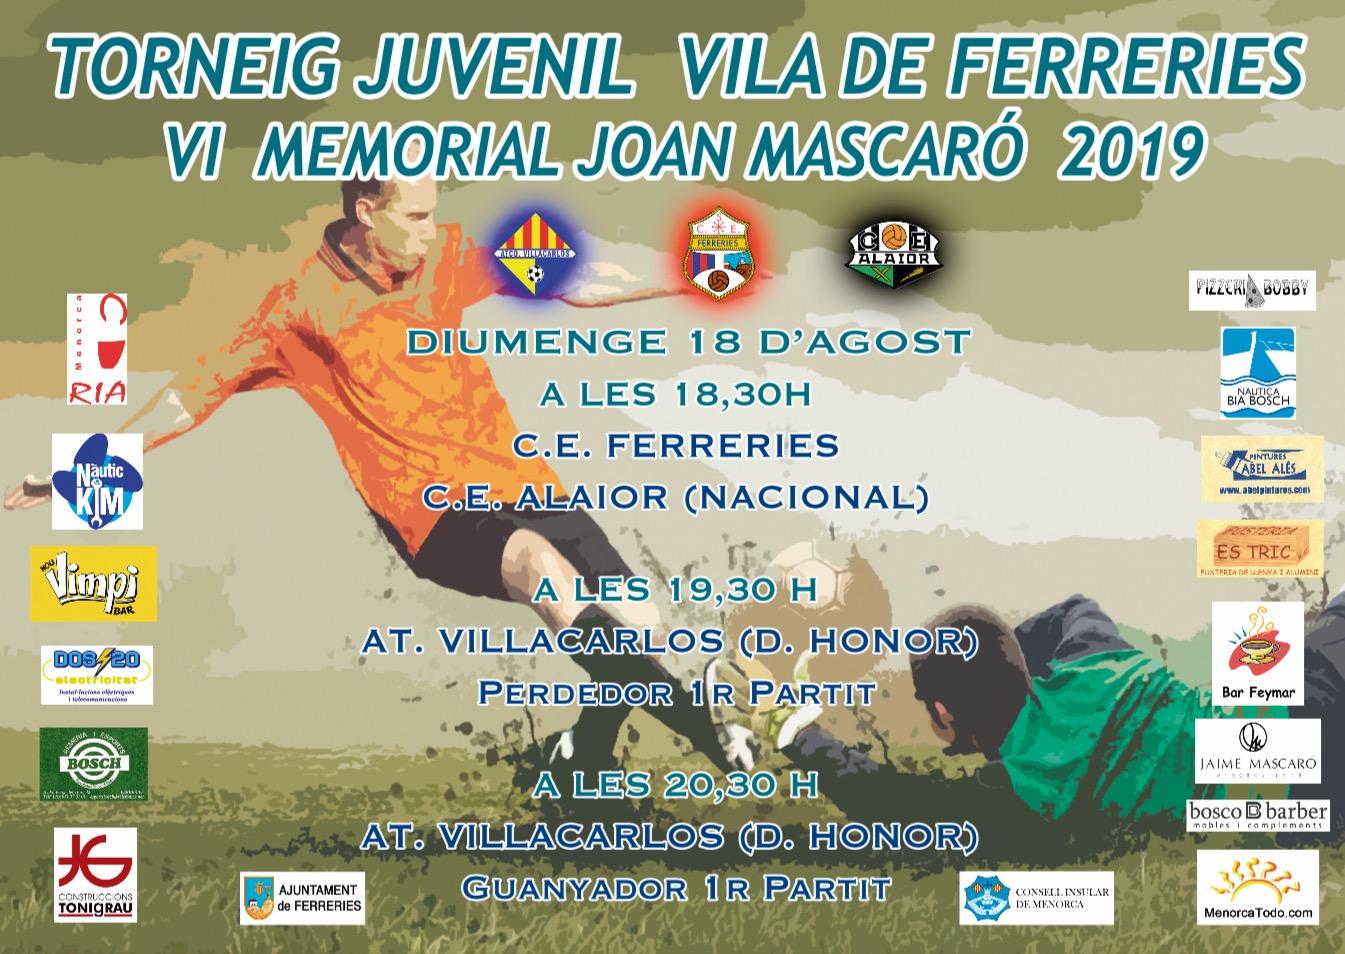 PRESENTACION DEL TORNEO JUVENIL 2019